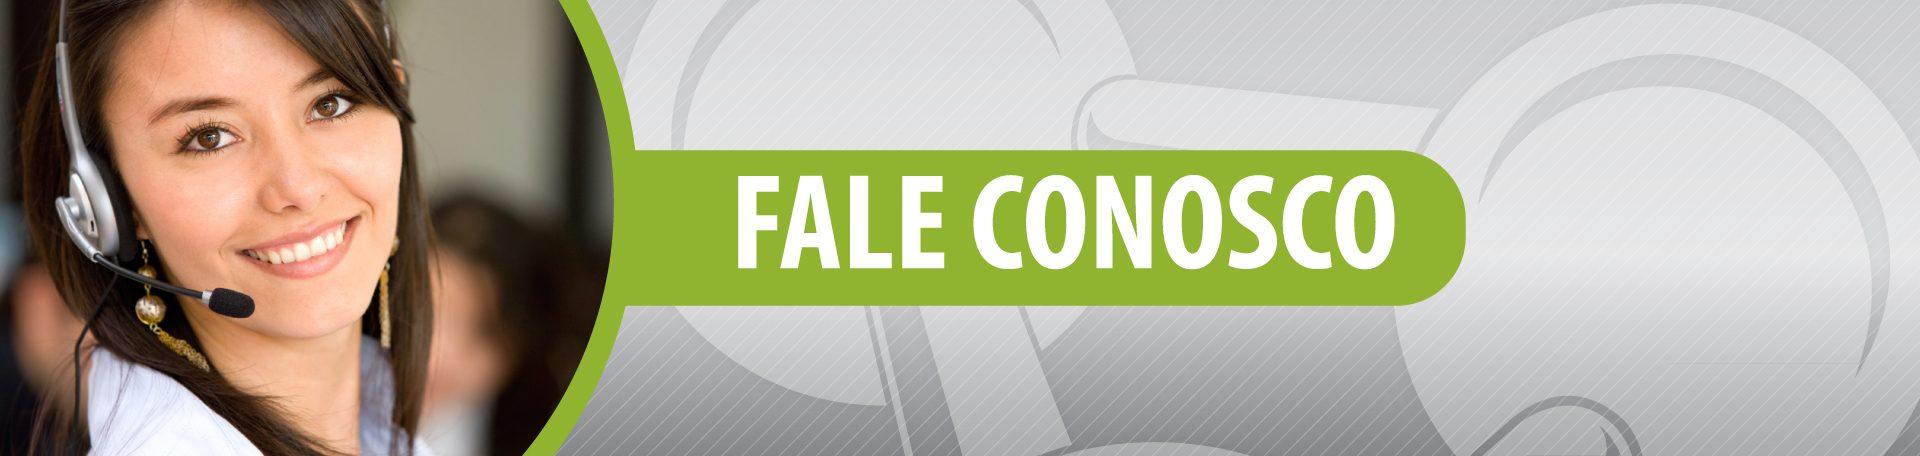 fale-conosco-1-1920x456